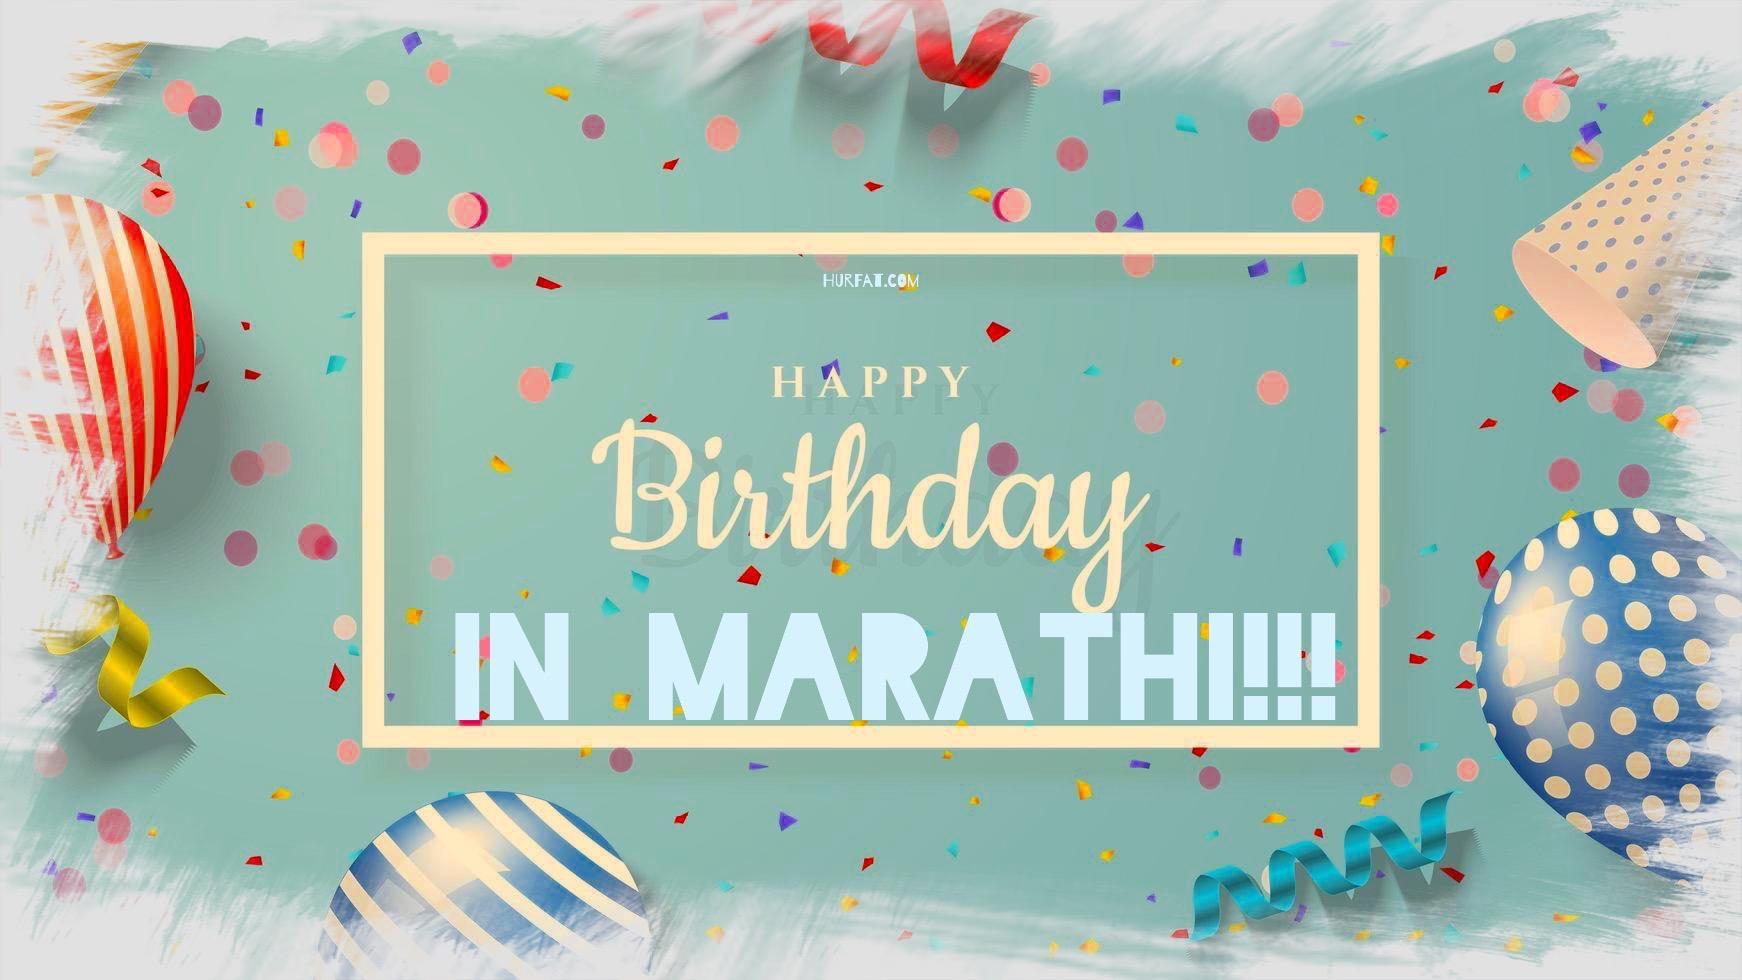 Happy Birthday in Marathi